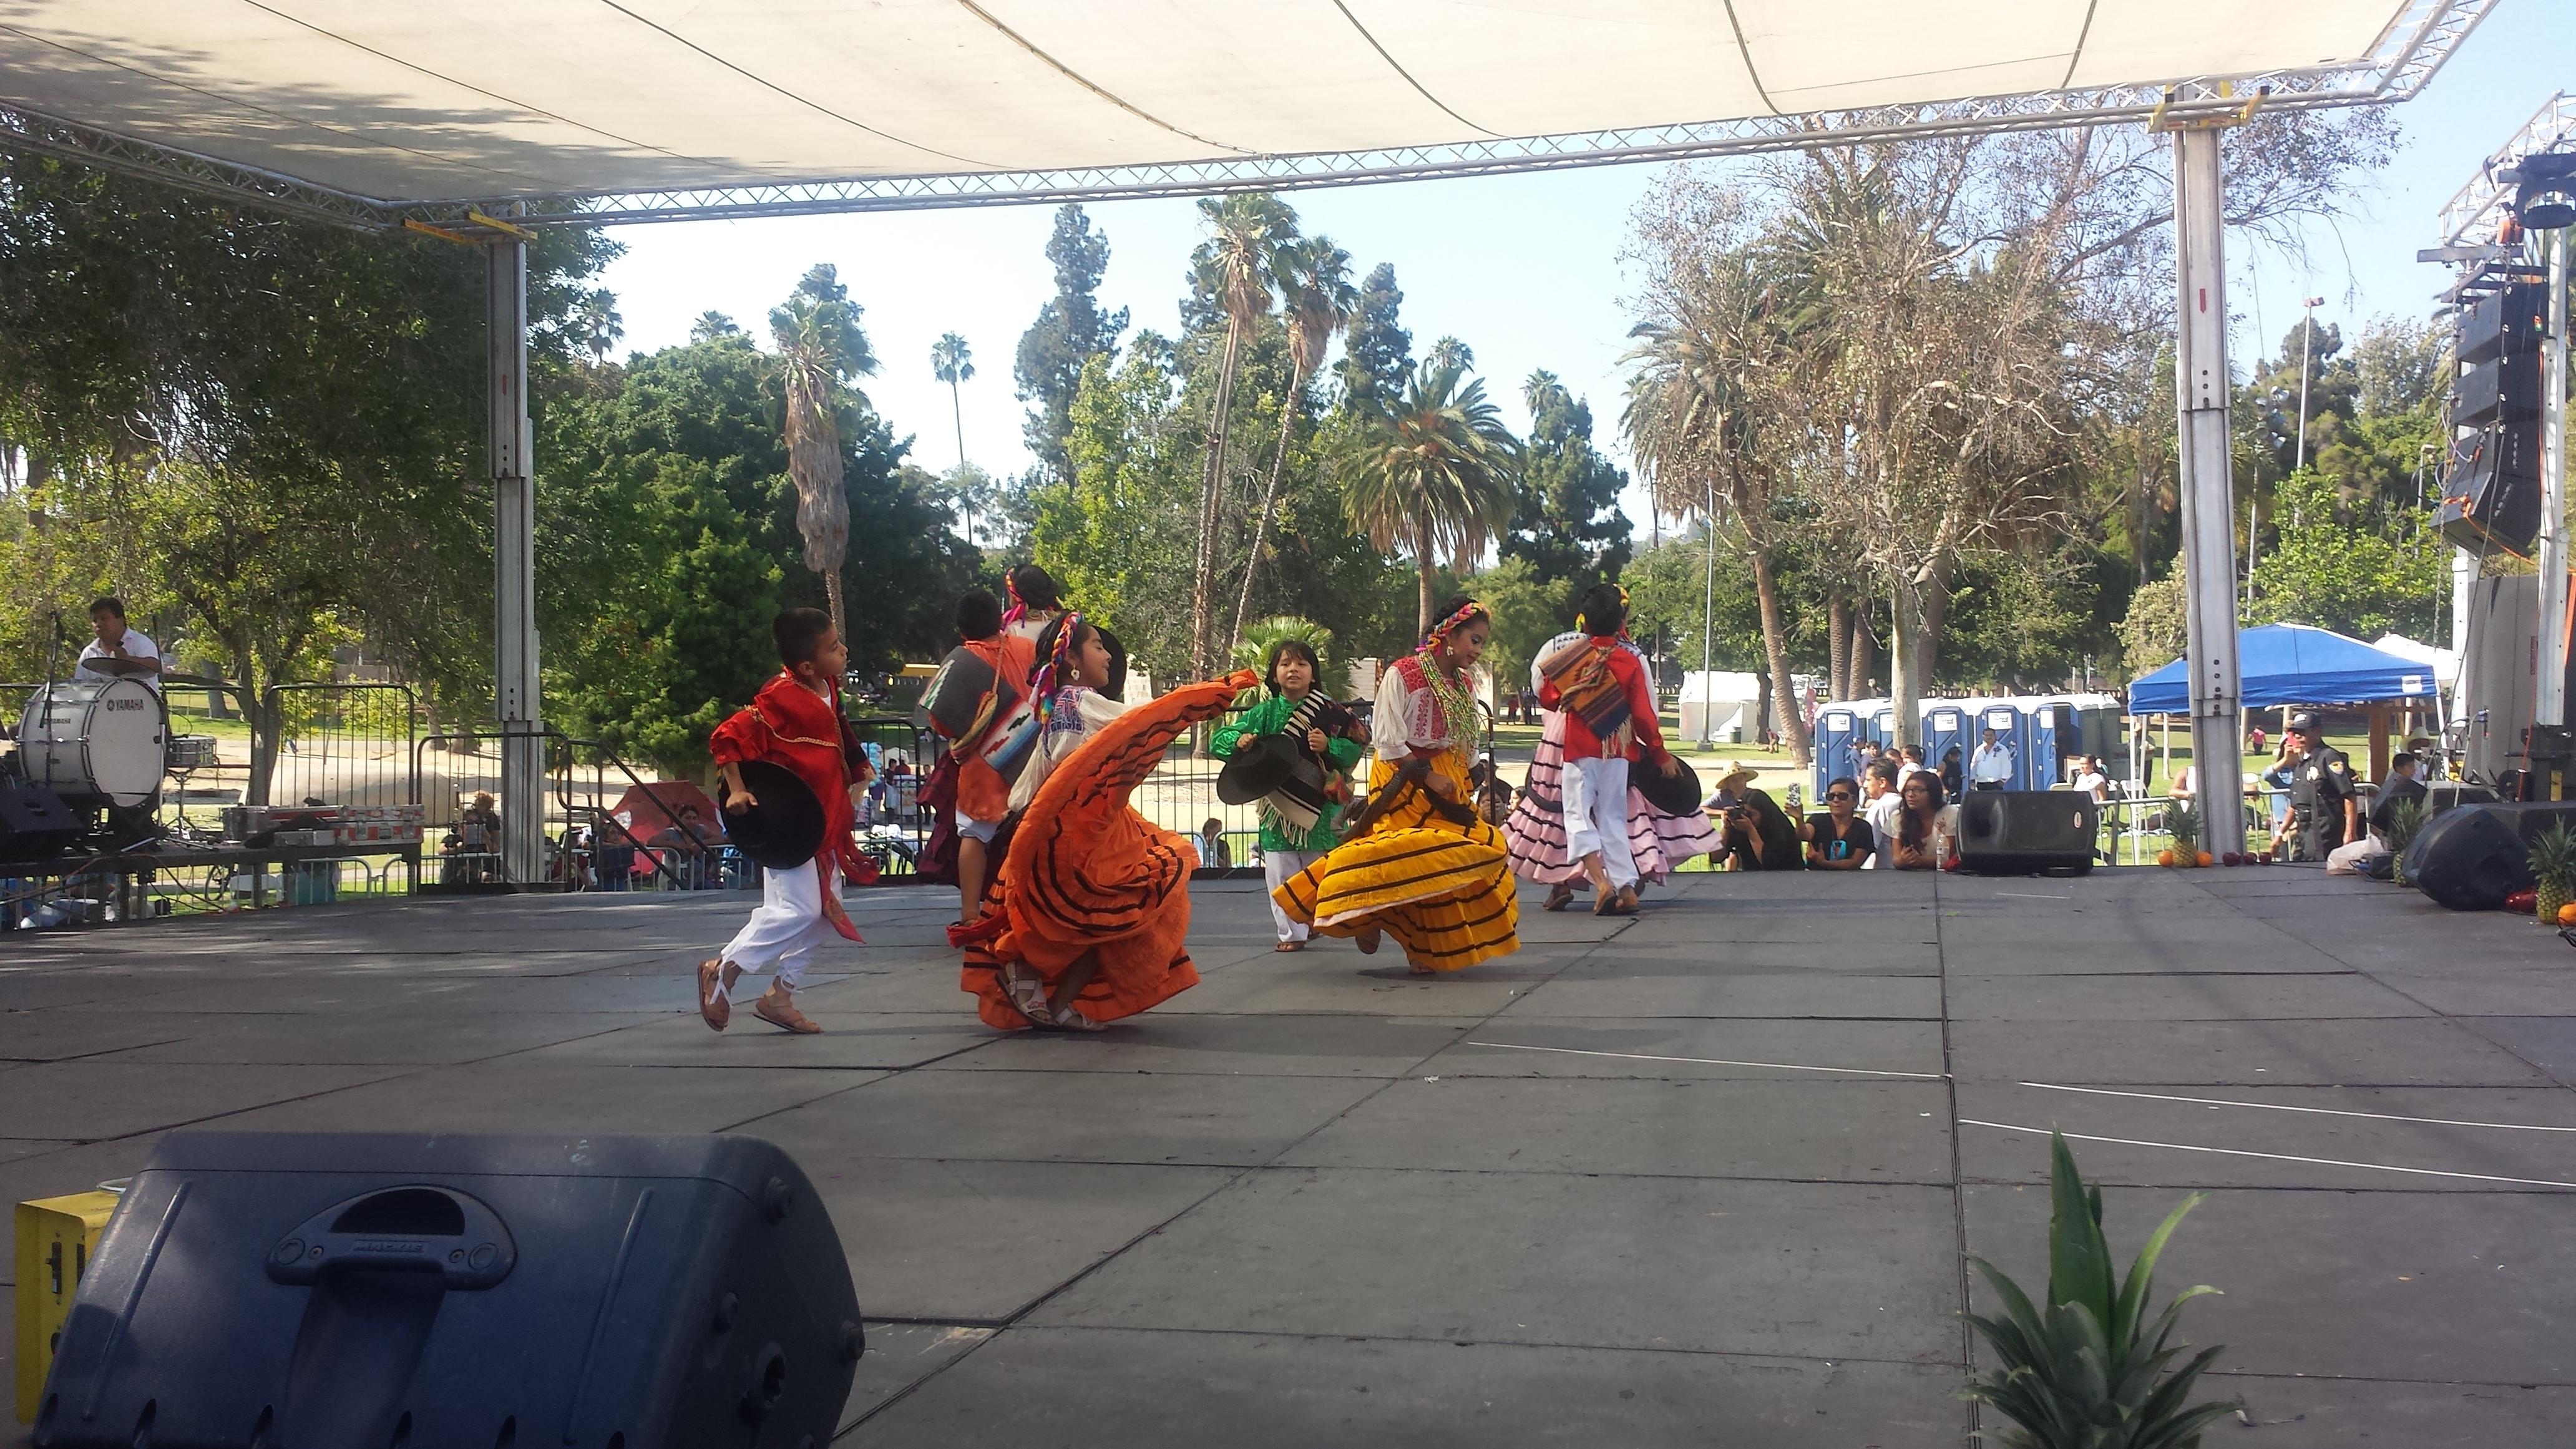 Niños oaxacalifornianos bailan durante a Gulaguetza infantil. Foto: Rubén Tapia.